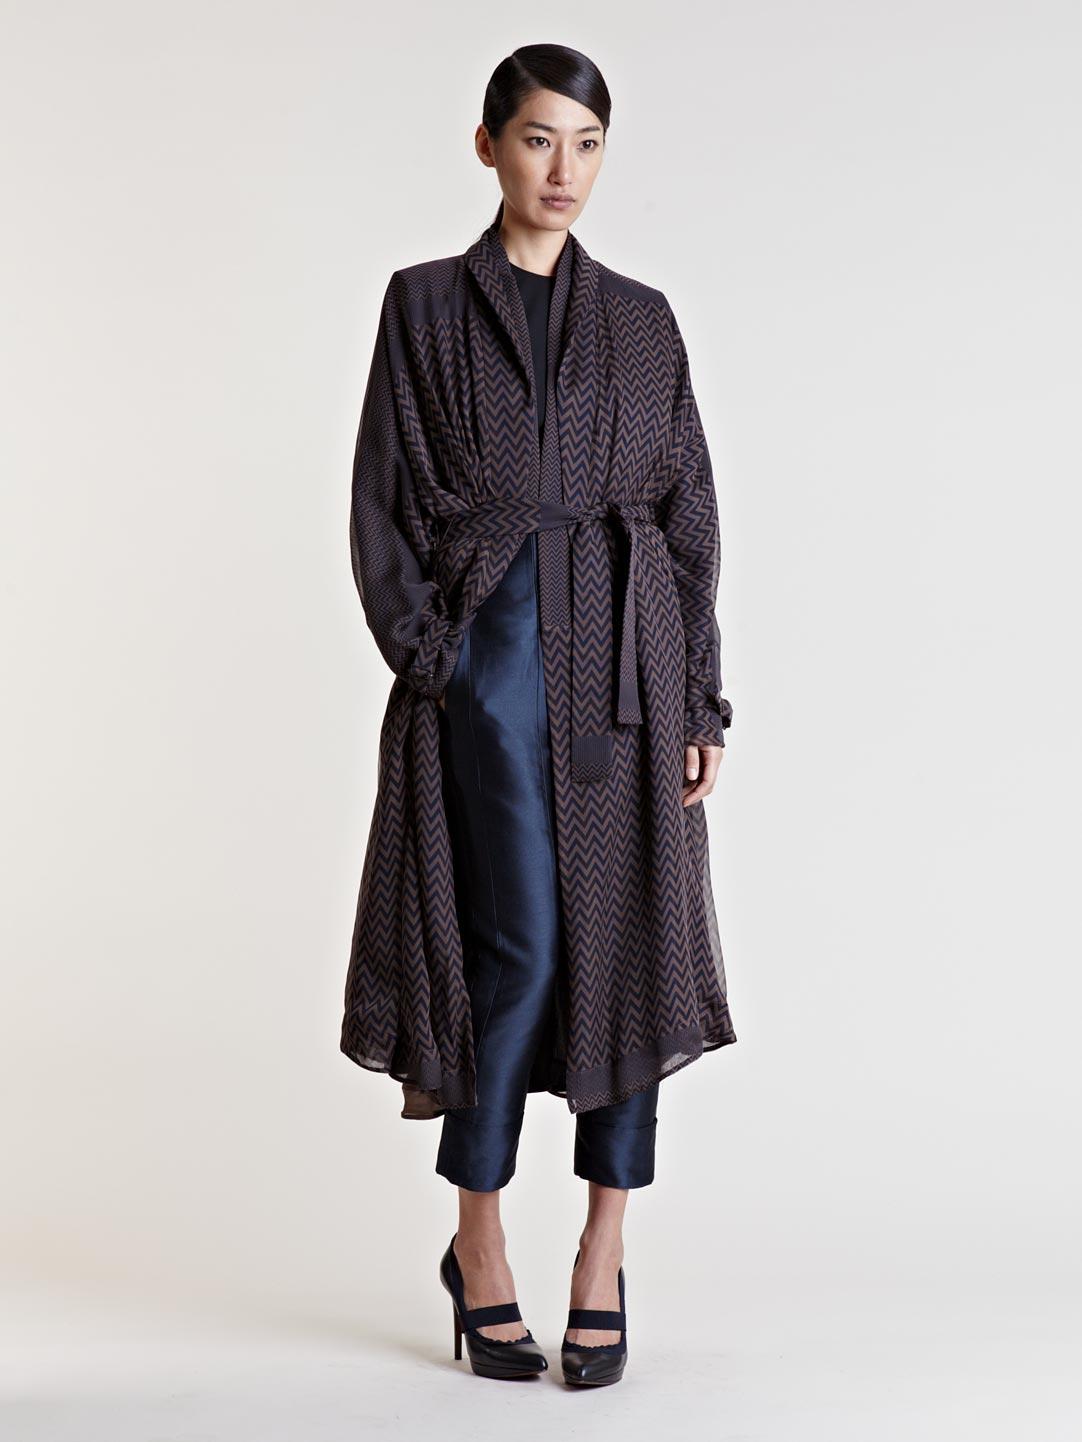 Lyst Haider Ackermann Womens Richepin Coat In Brown